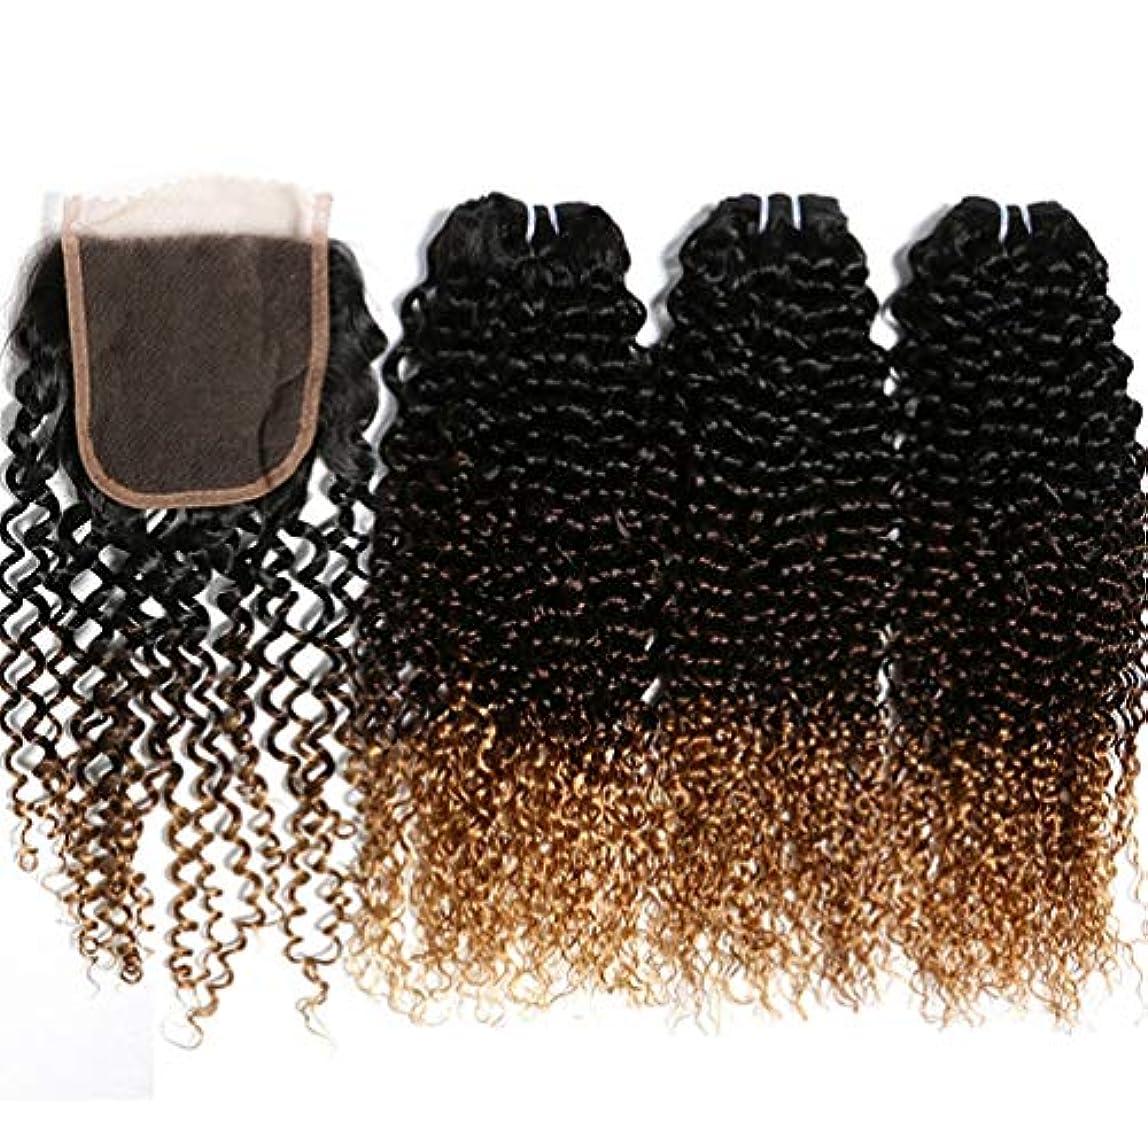 振りかける寄託イヤホン女性ブラジルの髪の束と人間の髪の束を織り人の髪の束とブラジルの身体の波を織り(3束)